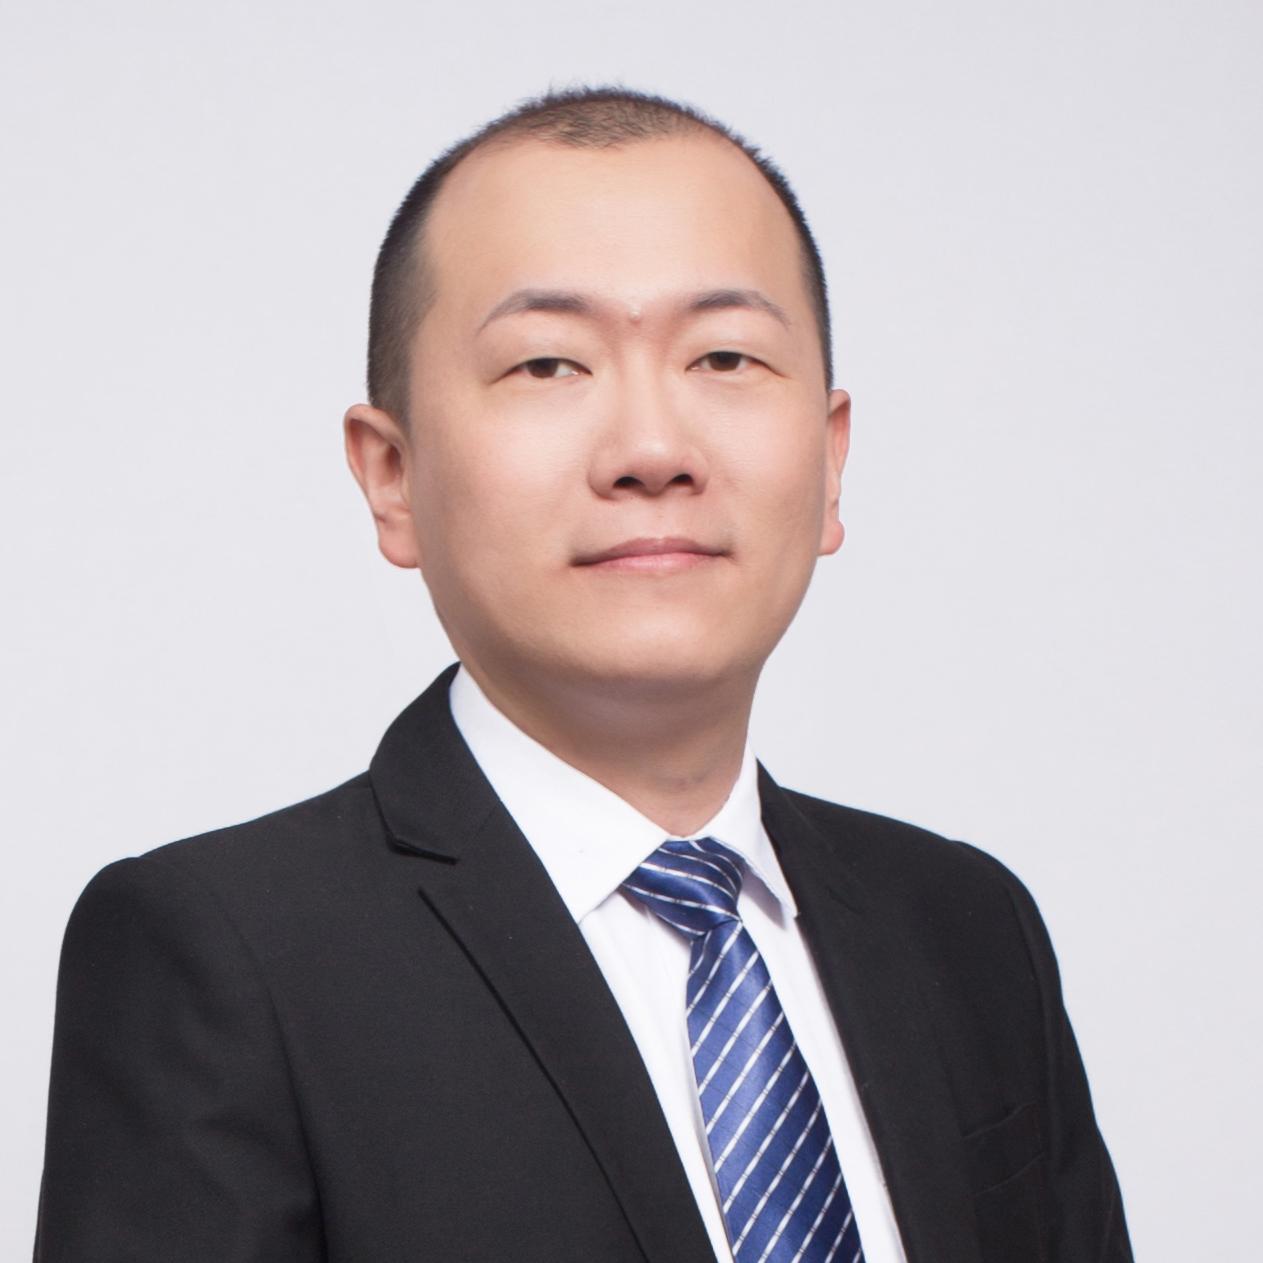 Adrian Guo Wenkang